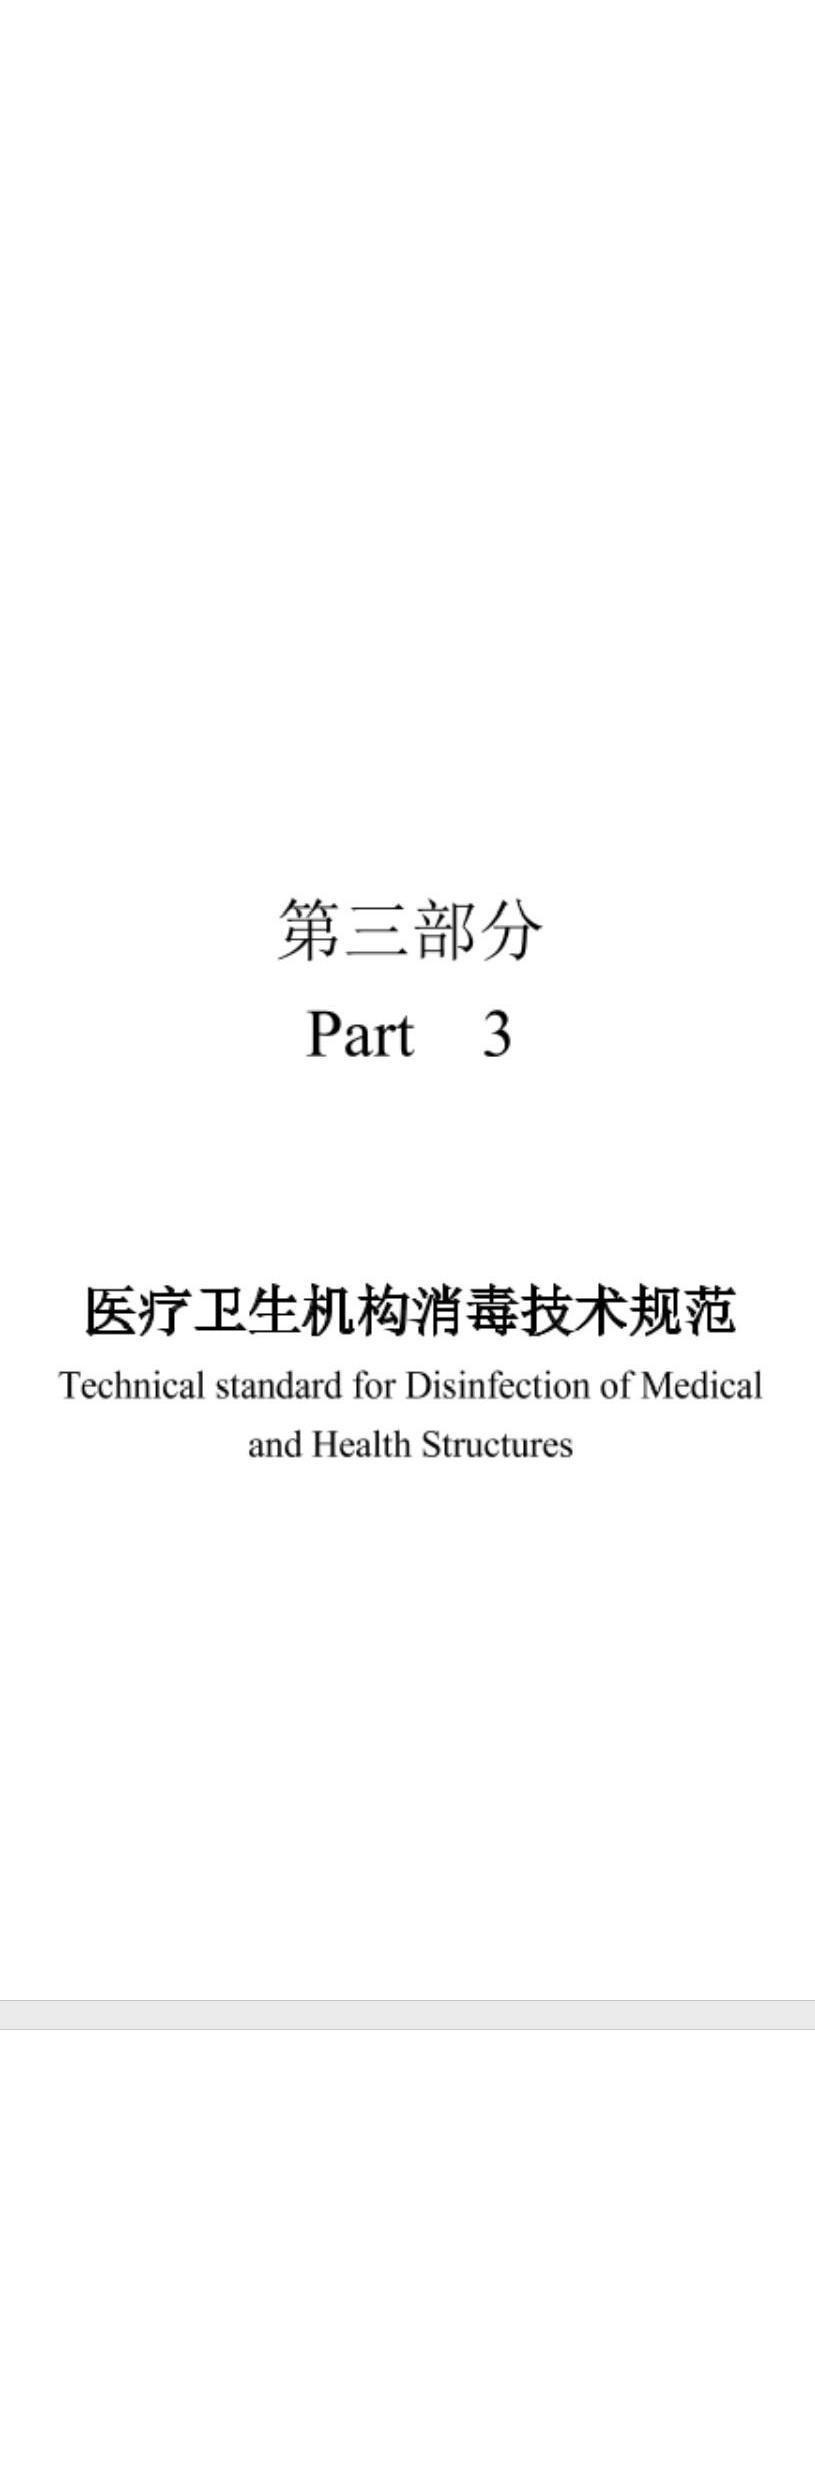 卫生消毒技术规范目录